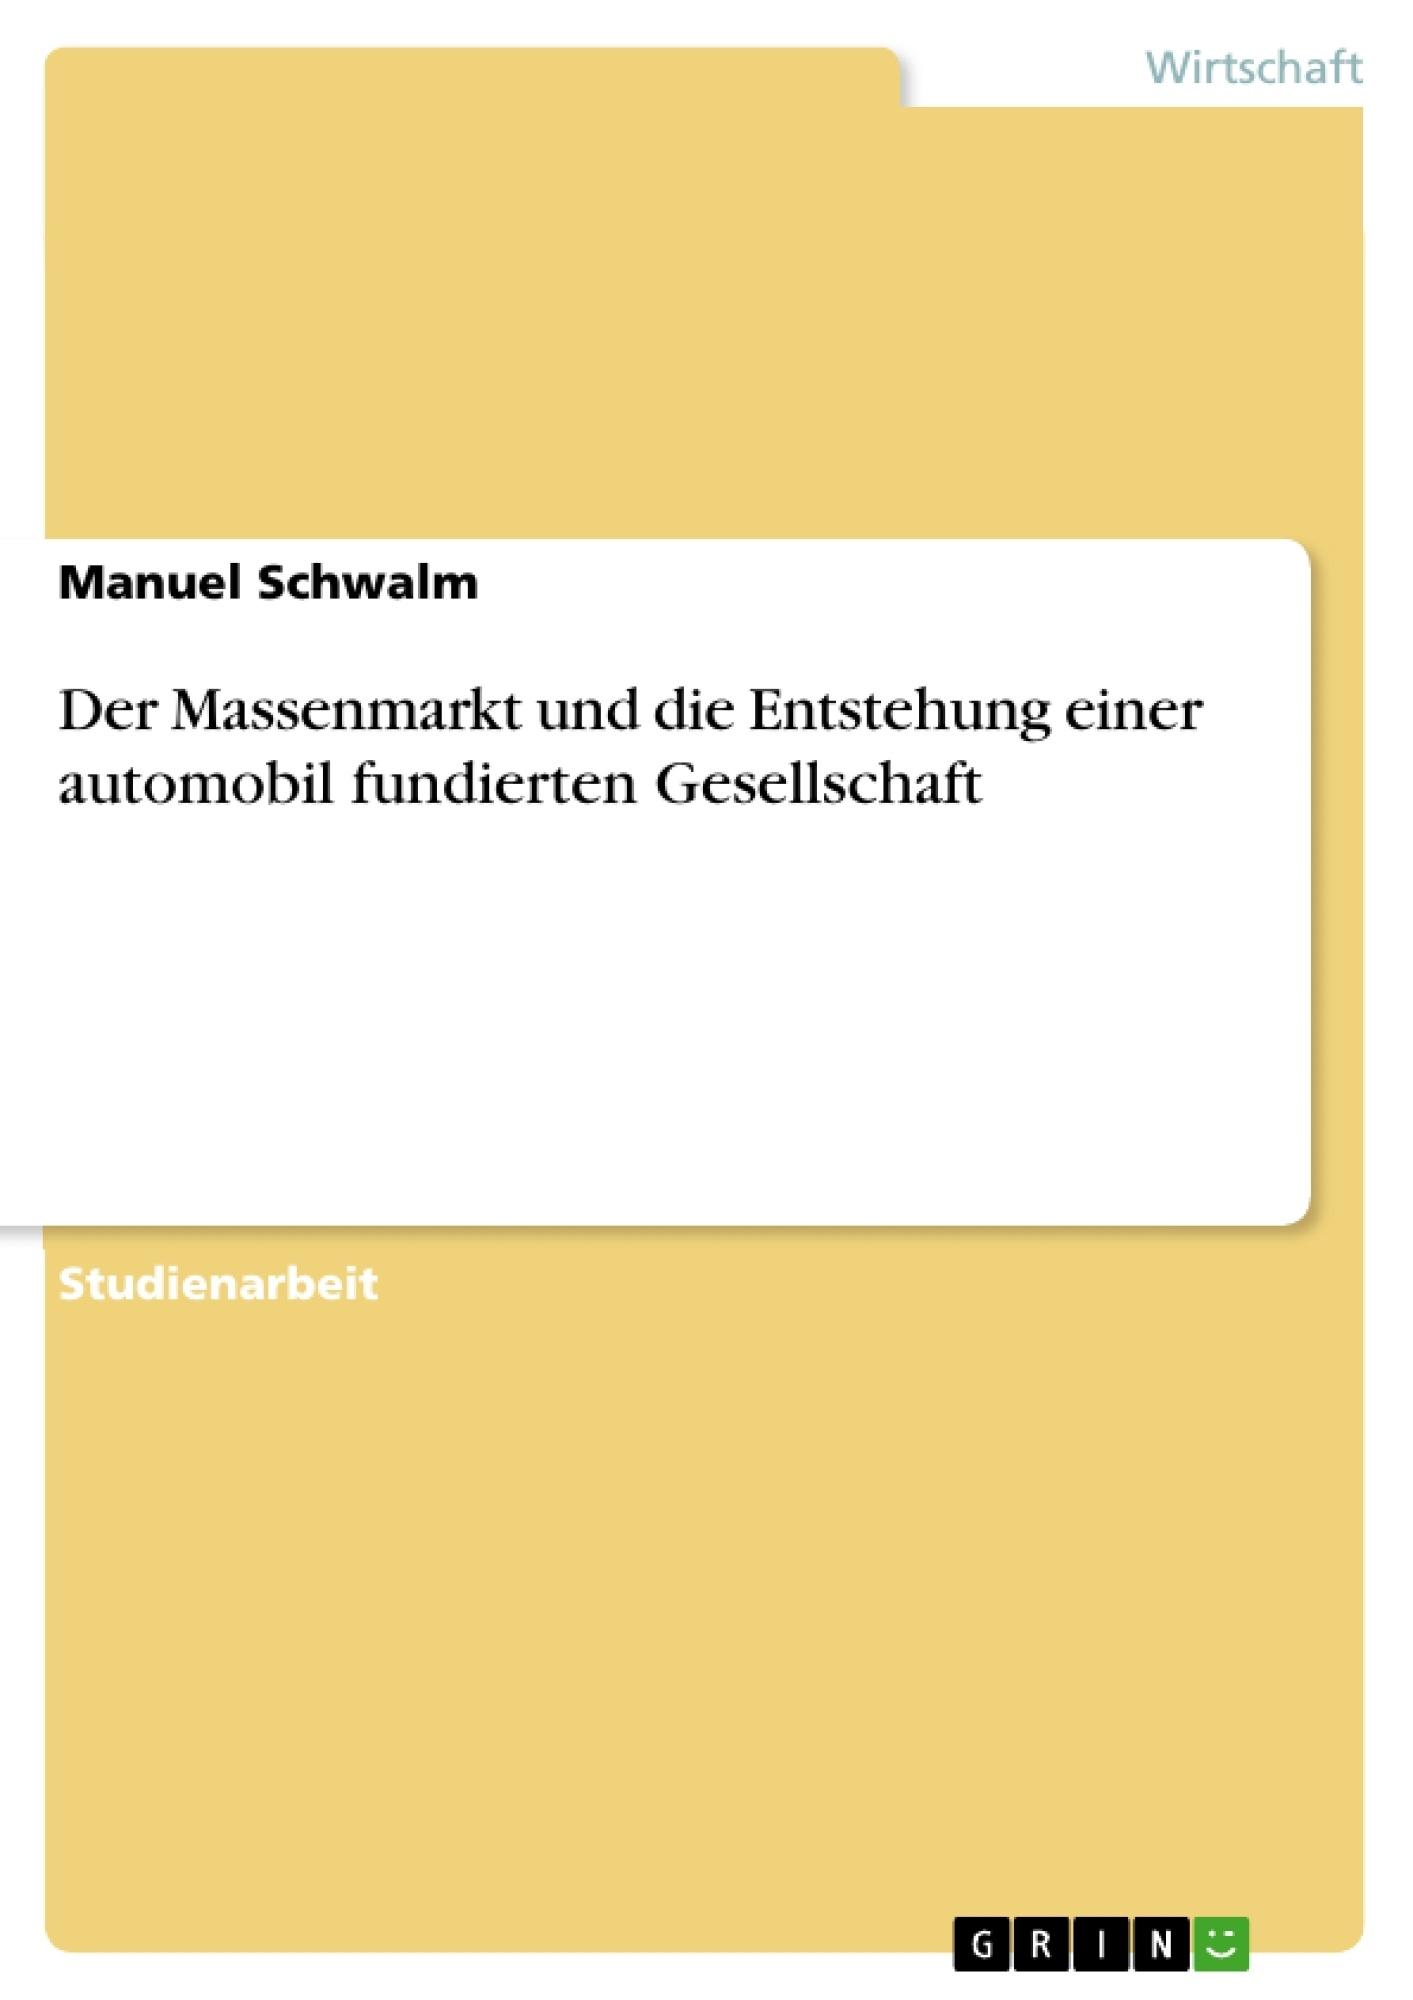 Titel: Der Massenmarkt und die Entstehung einer automobil fundierten Gesellschaft